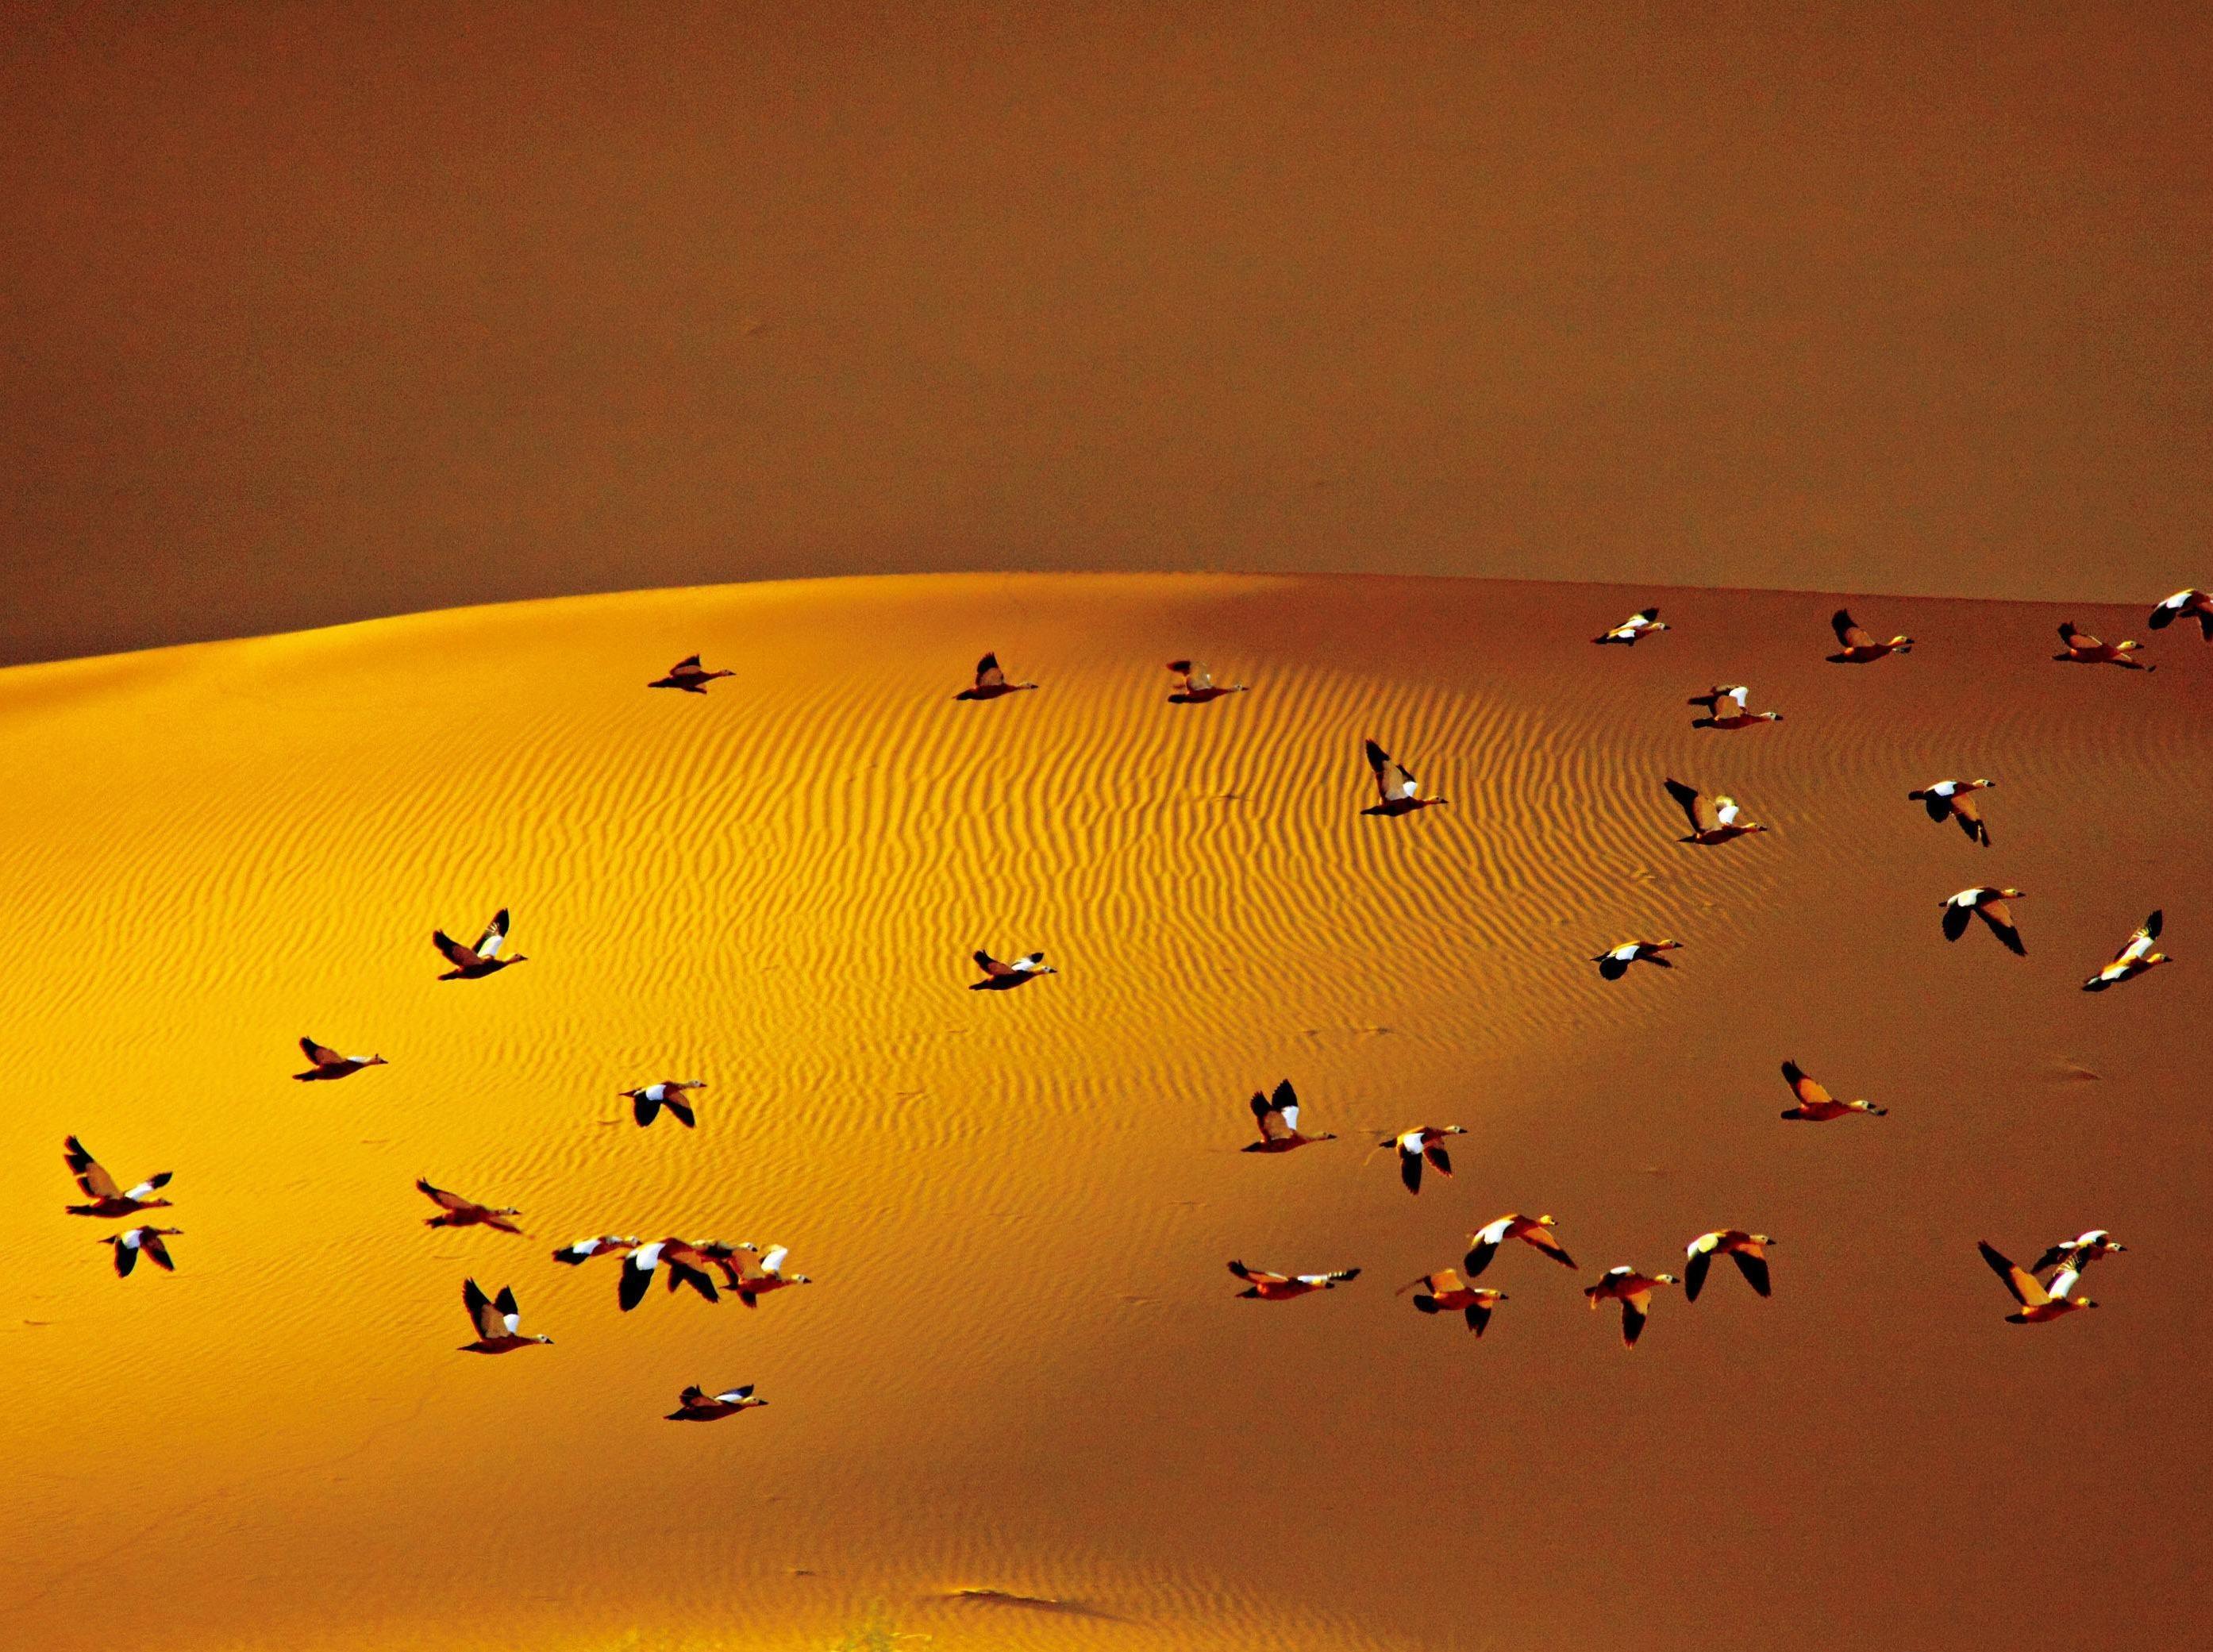 腾格里大漠观候鸟南迁-徒步探秘之旅